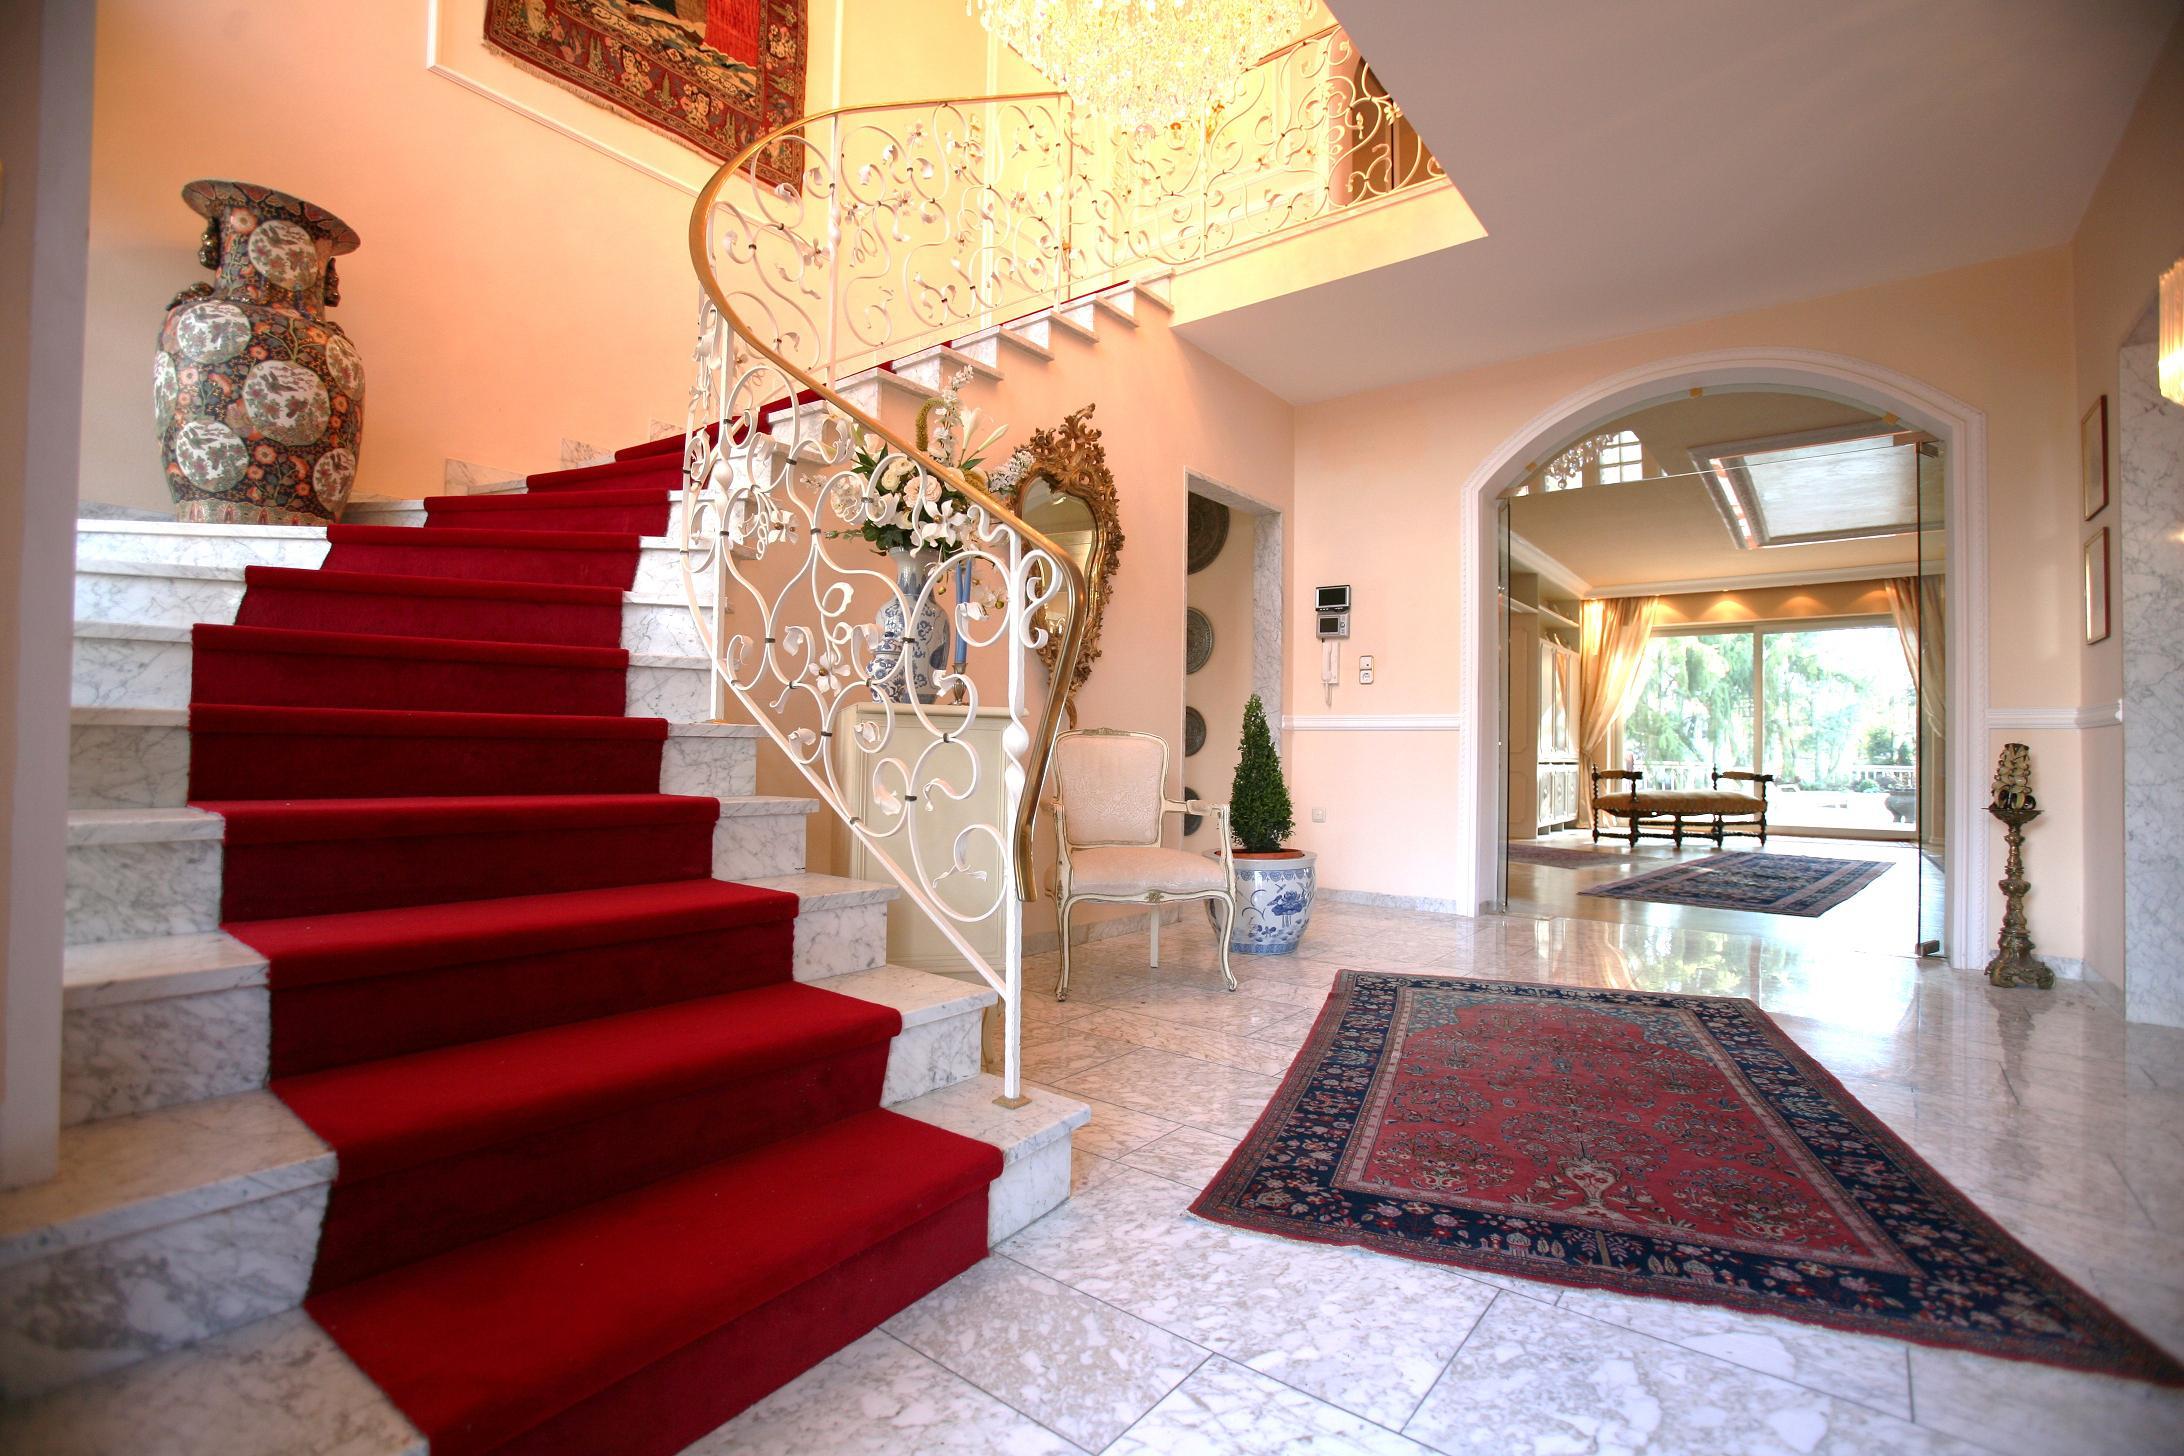 Фото №1 квартиры в Мюнхен за 3.500.000  евро евро